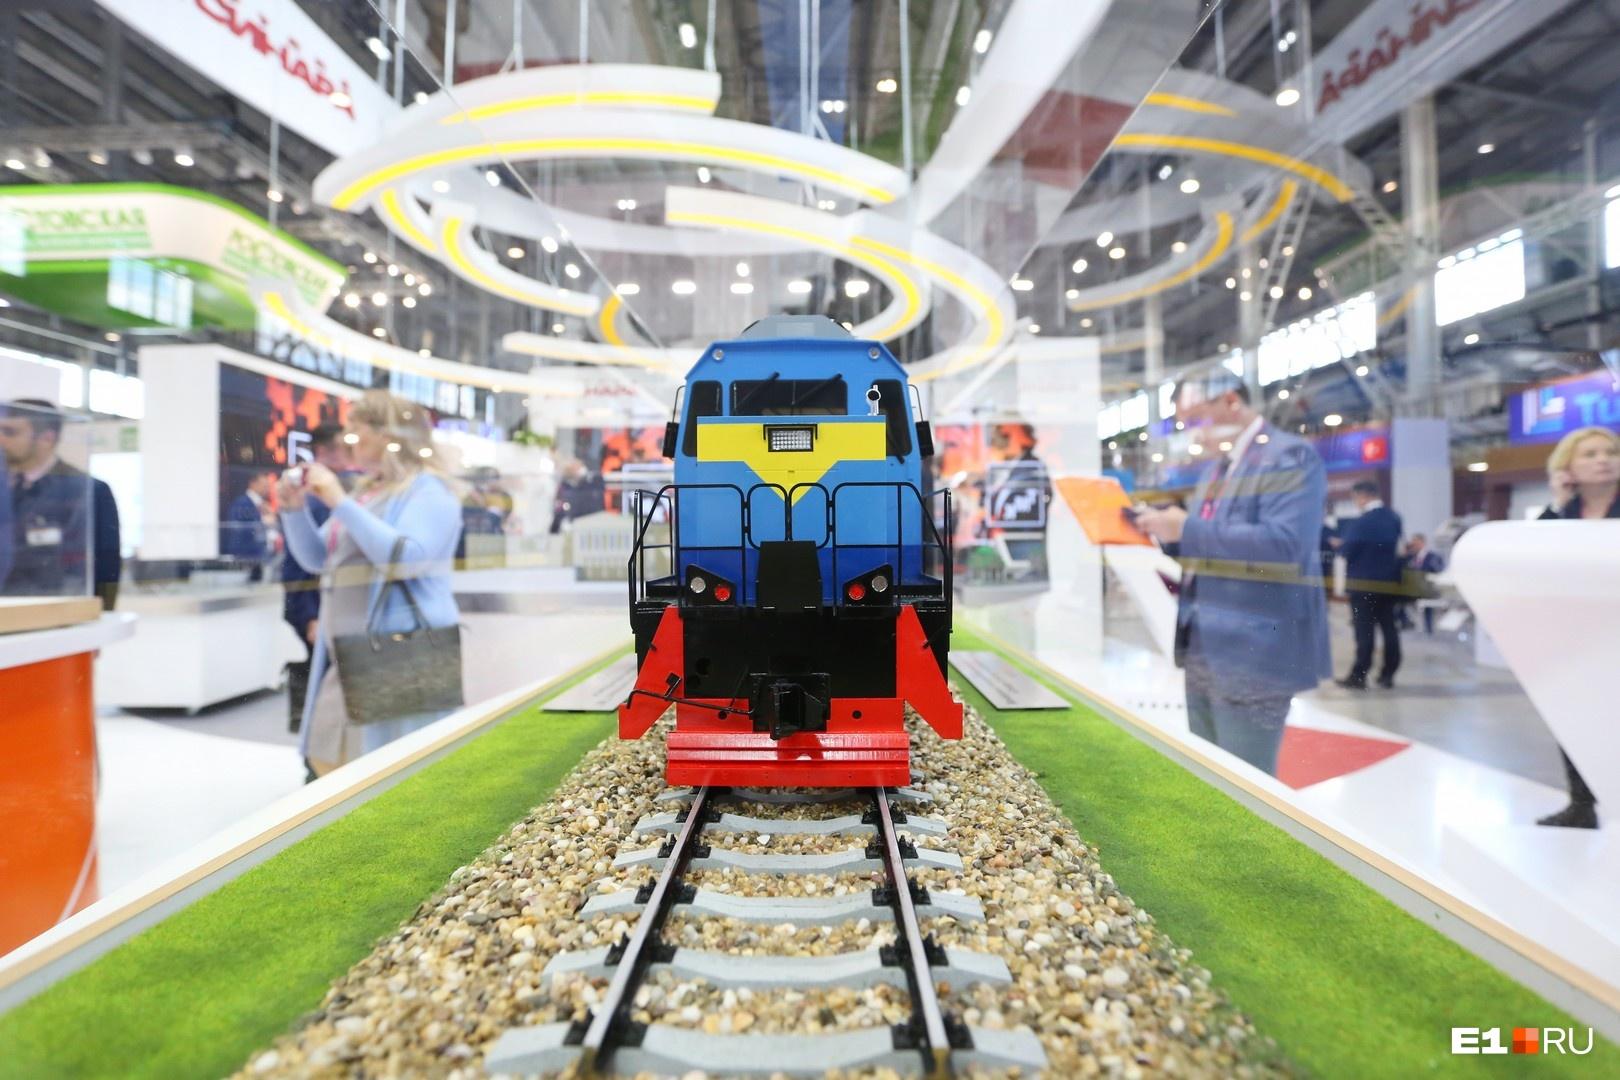 На стенде «Синары» стоят макеты поездов, которые точно понравятся мальчикам